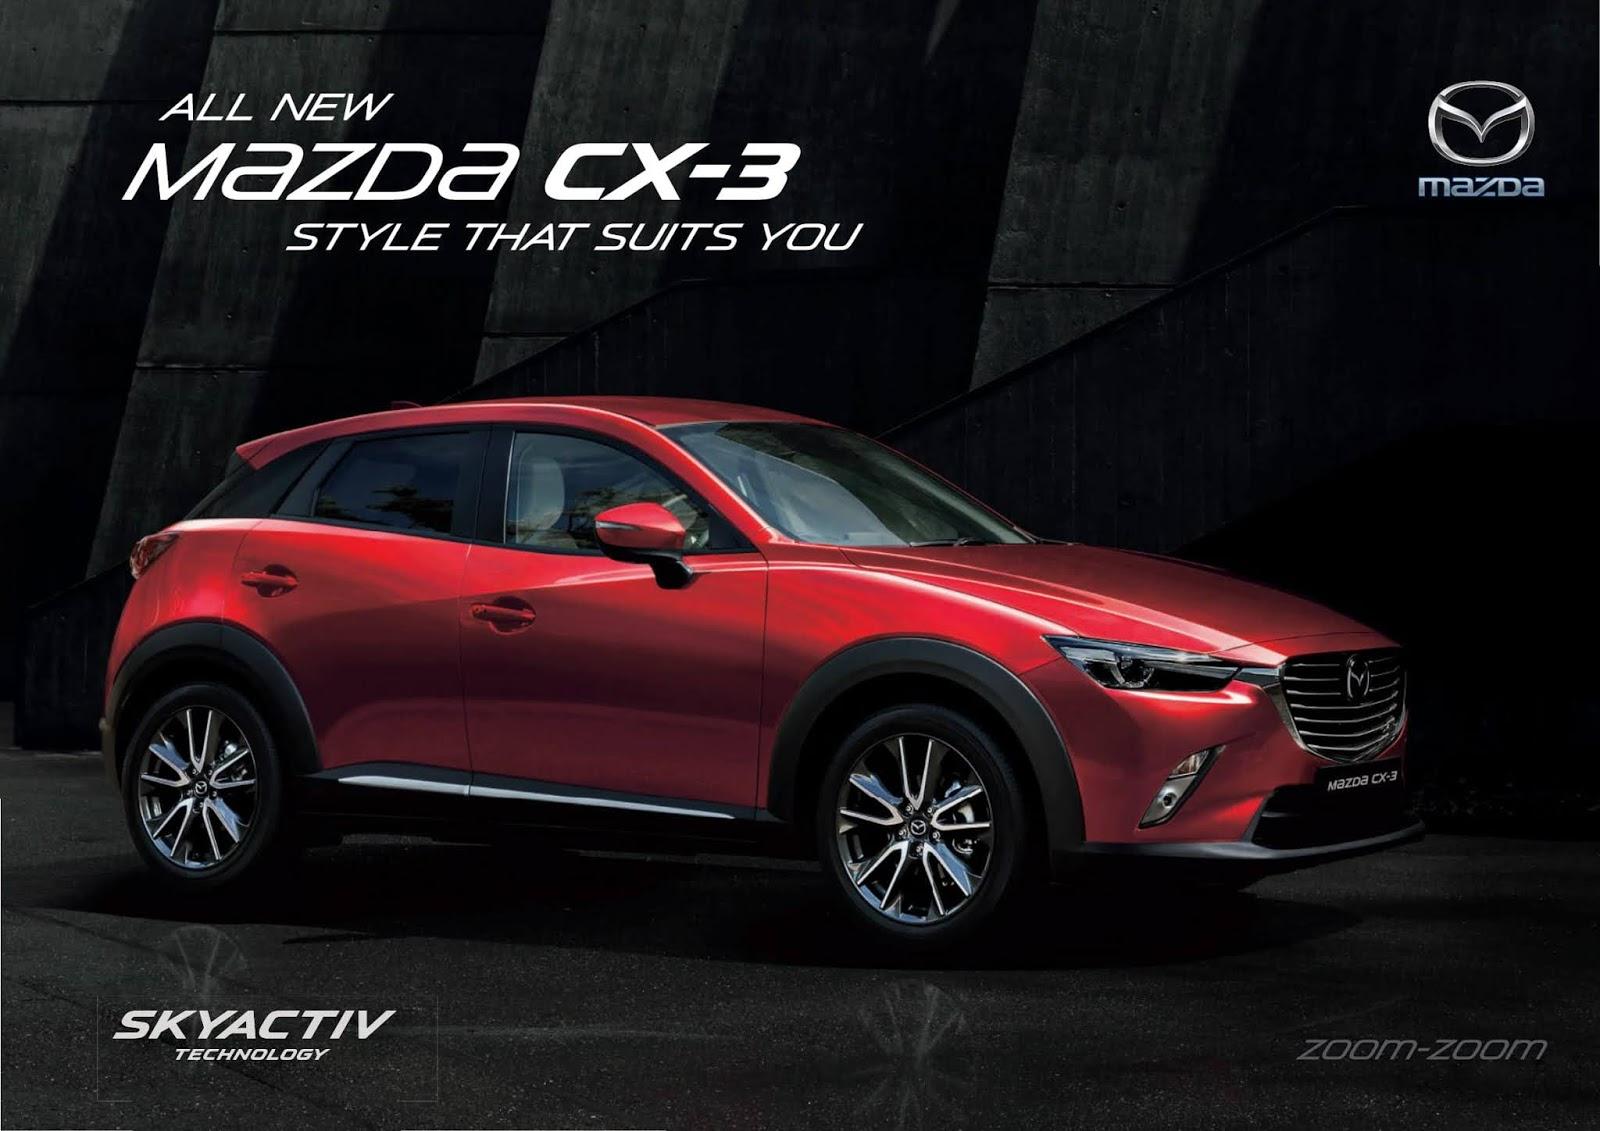 New Mazda CX-3, Promo Mazda CX-3 Bali & Harga Mazda CX-3 Bali